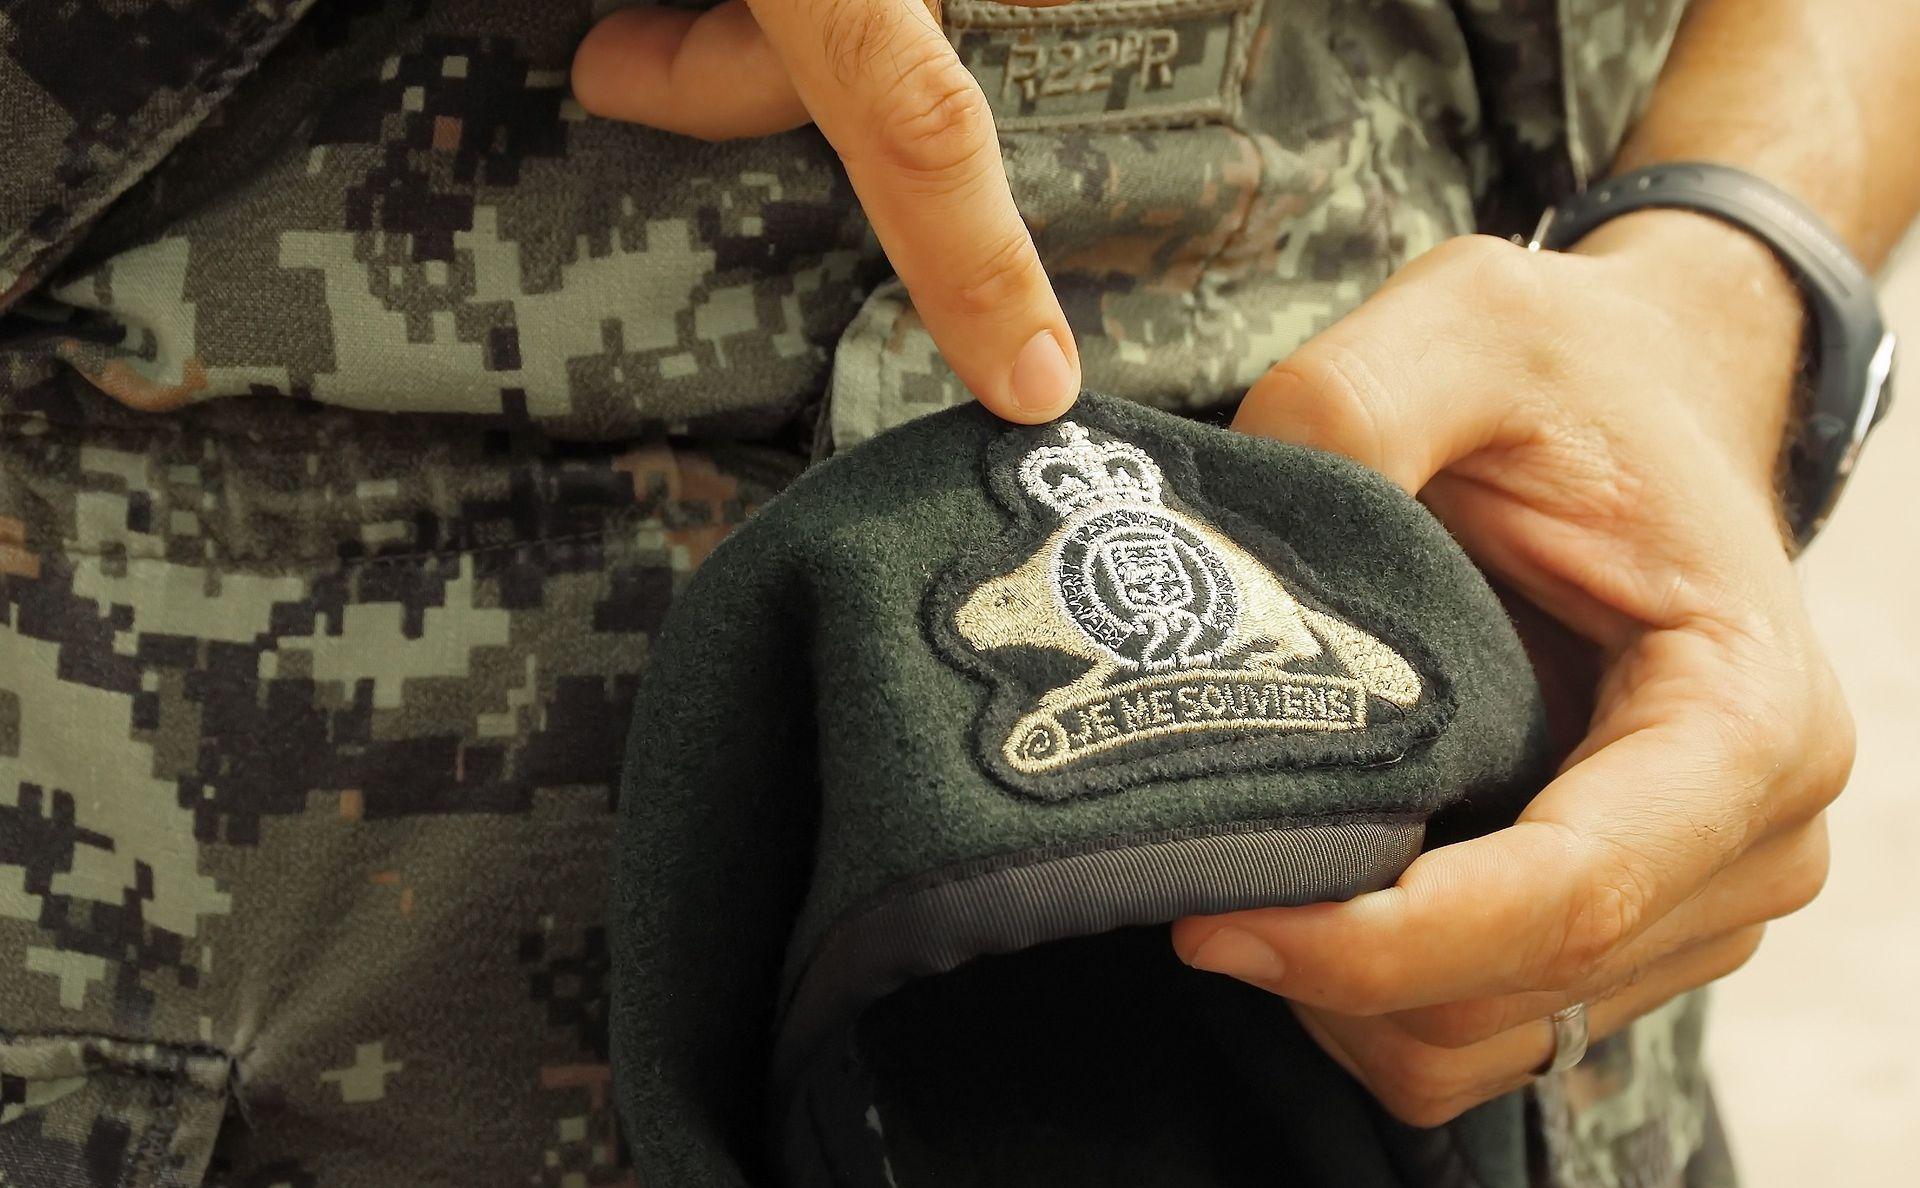 Svakog dana u kanadskoj vojsci najmanje 3 seksualna napada